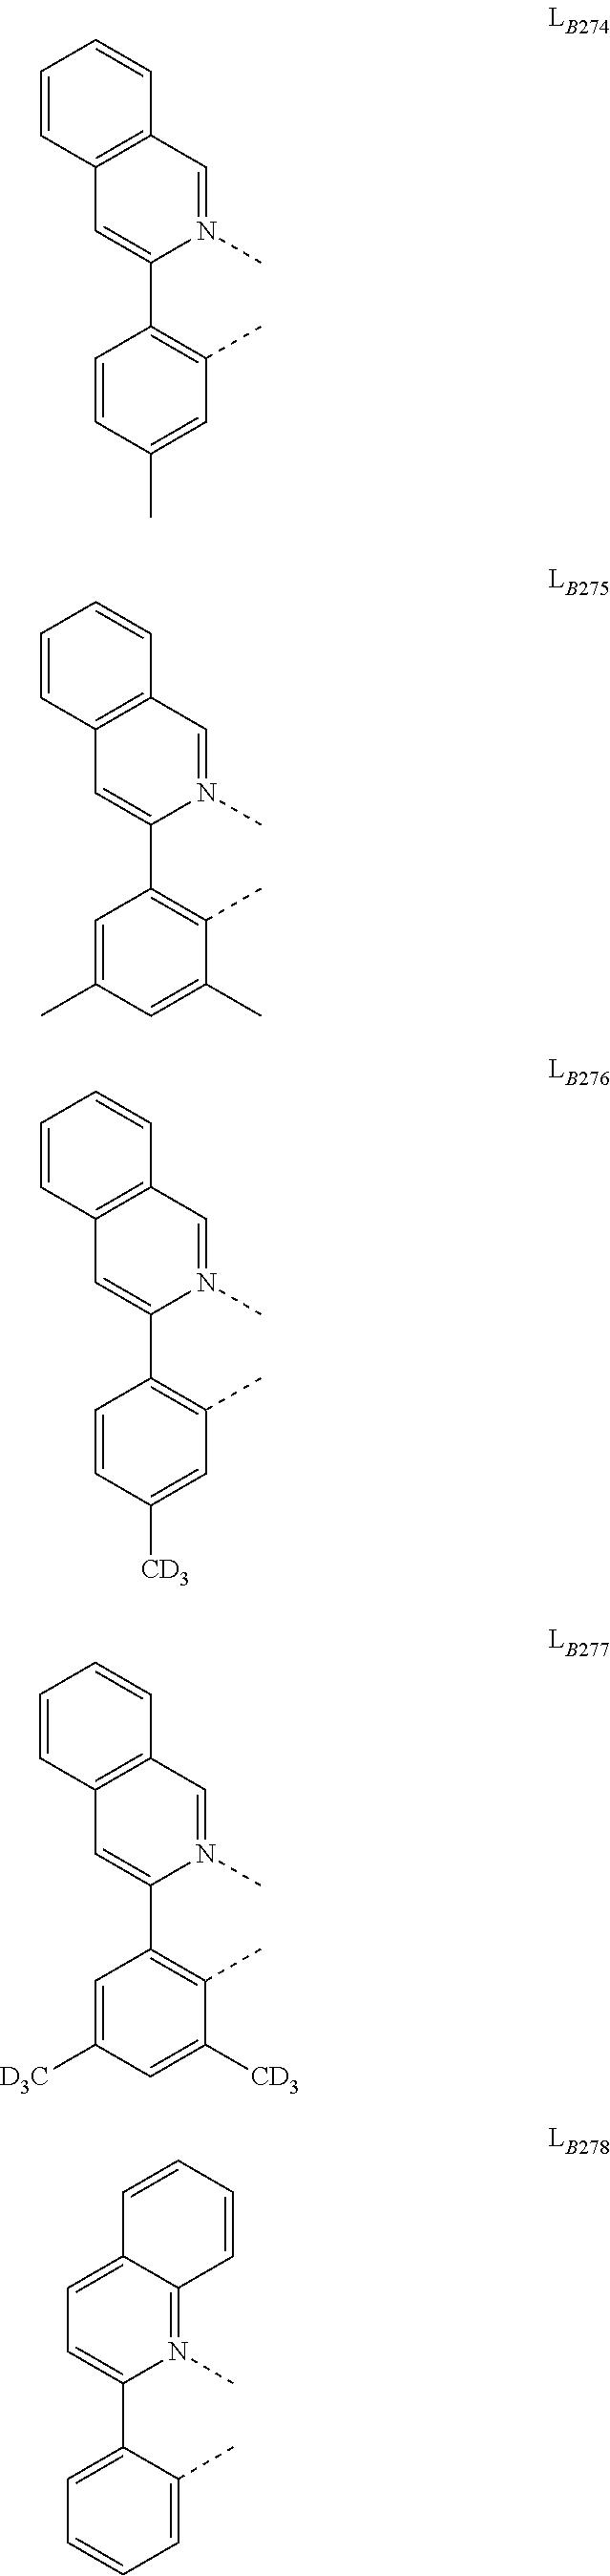 Figure US09929360-20180327-C00273